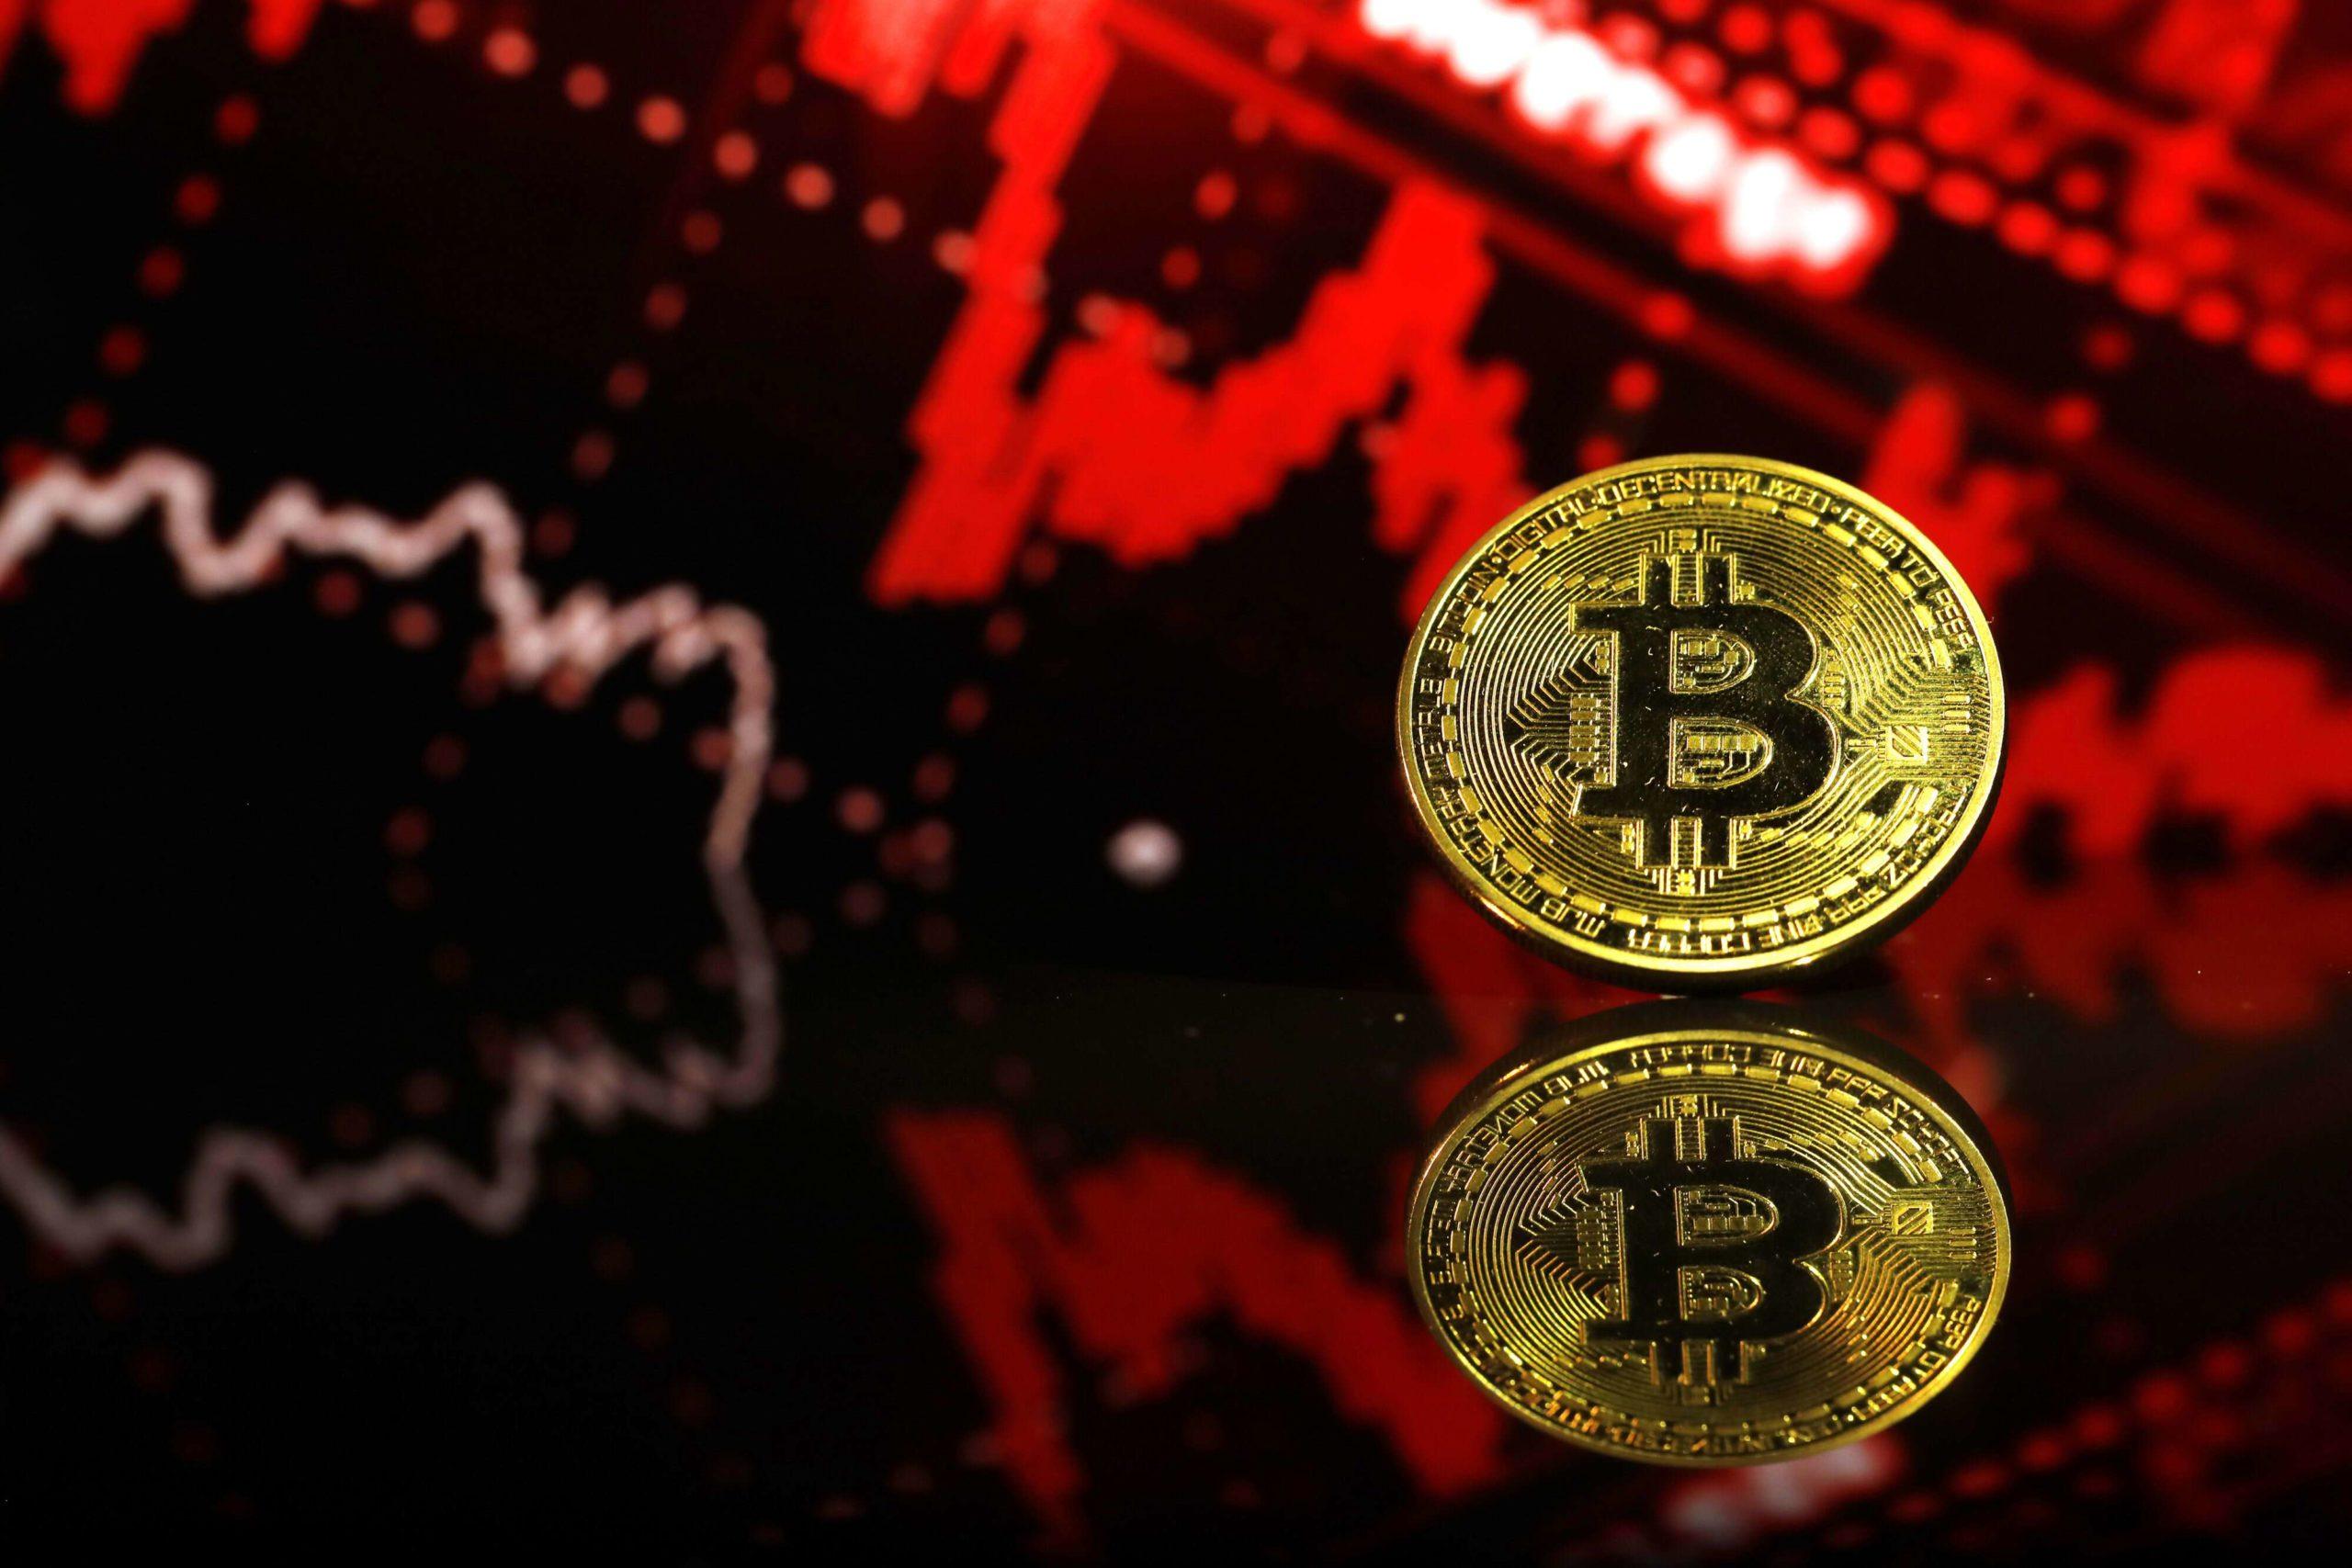 Fon Yöneticisi Ortalık Fena Karışacak Bitcoin'den BTC Uzak Durmak Şimdilik En İyisi scaled